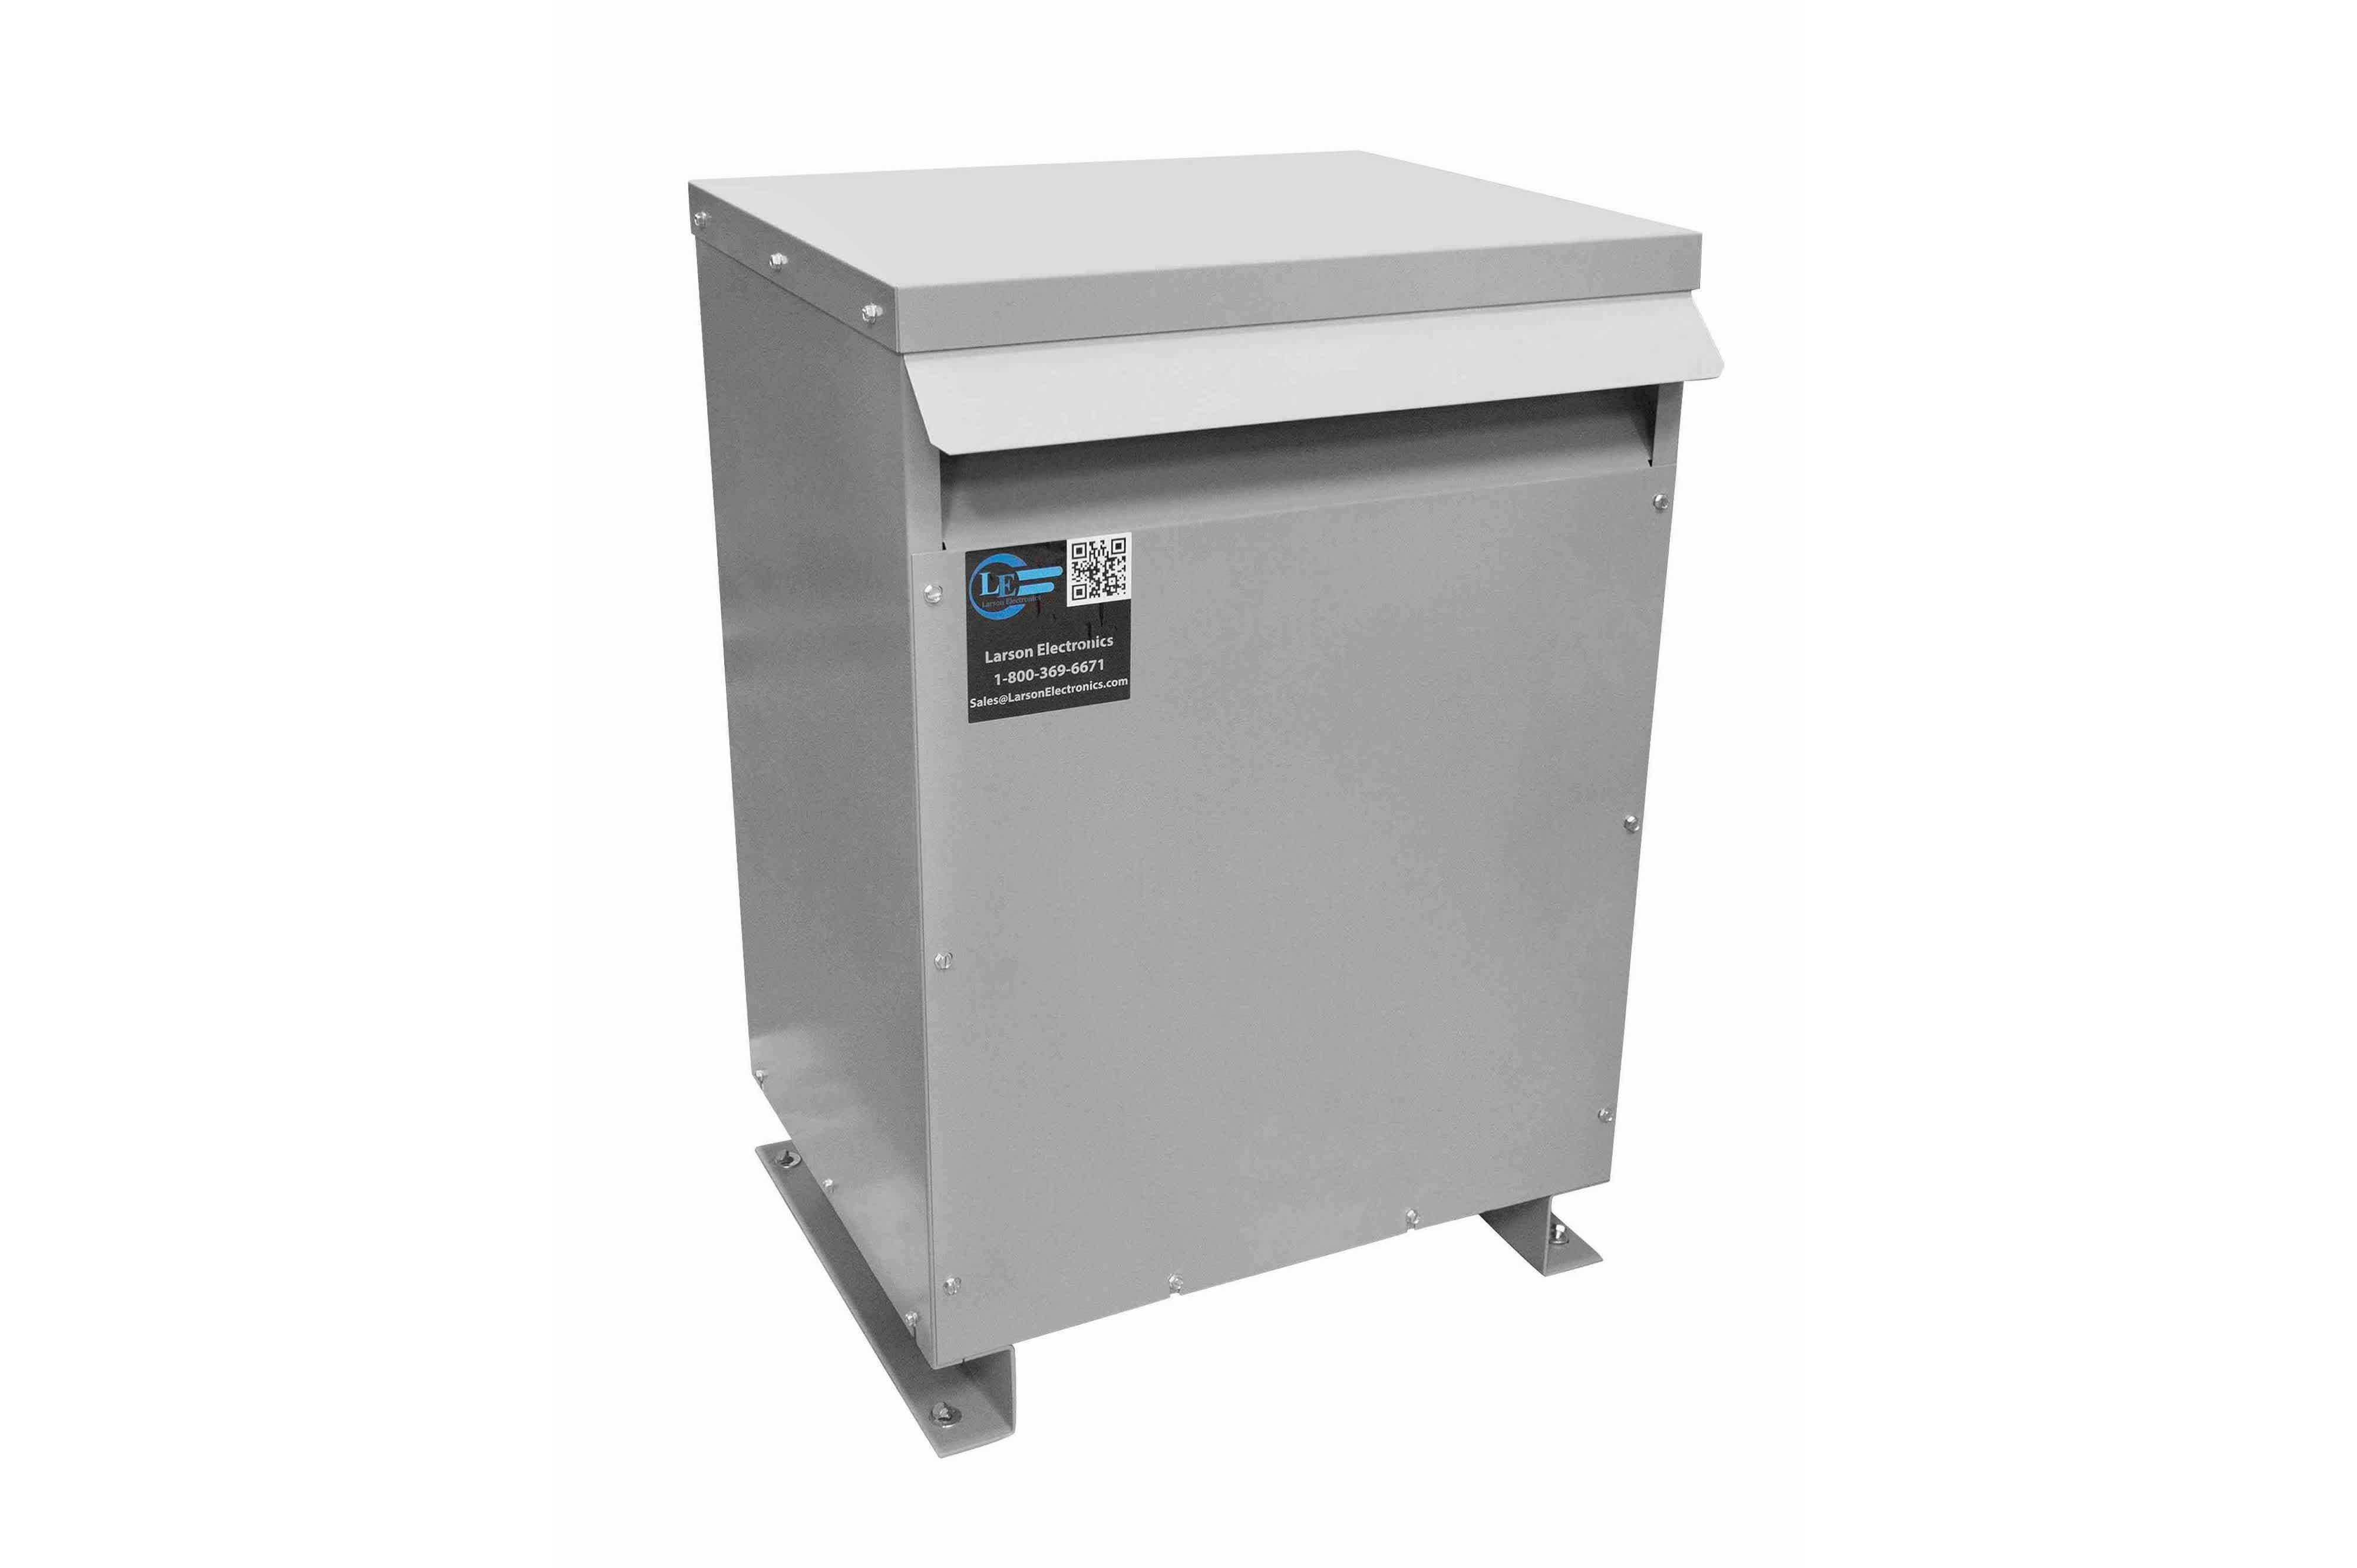 800 kVA 3PH Isolation Transformer, 460V Delta Primary, 380V Delta Secondary, N3R, Ventilated, 60 Hz